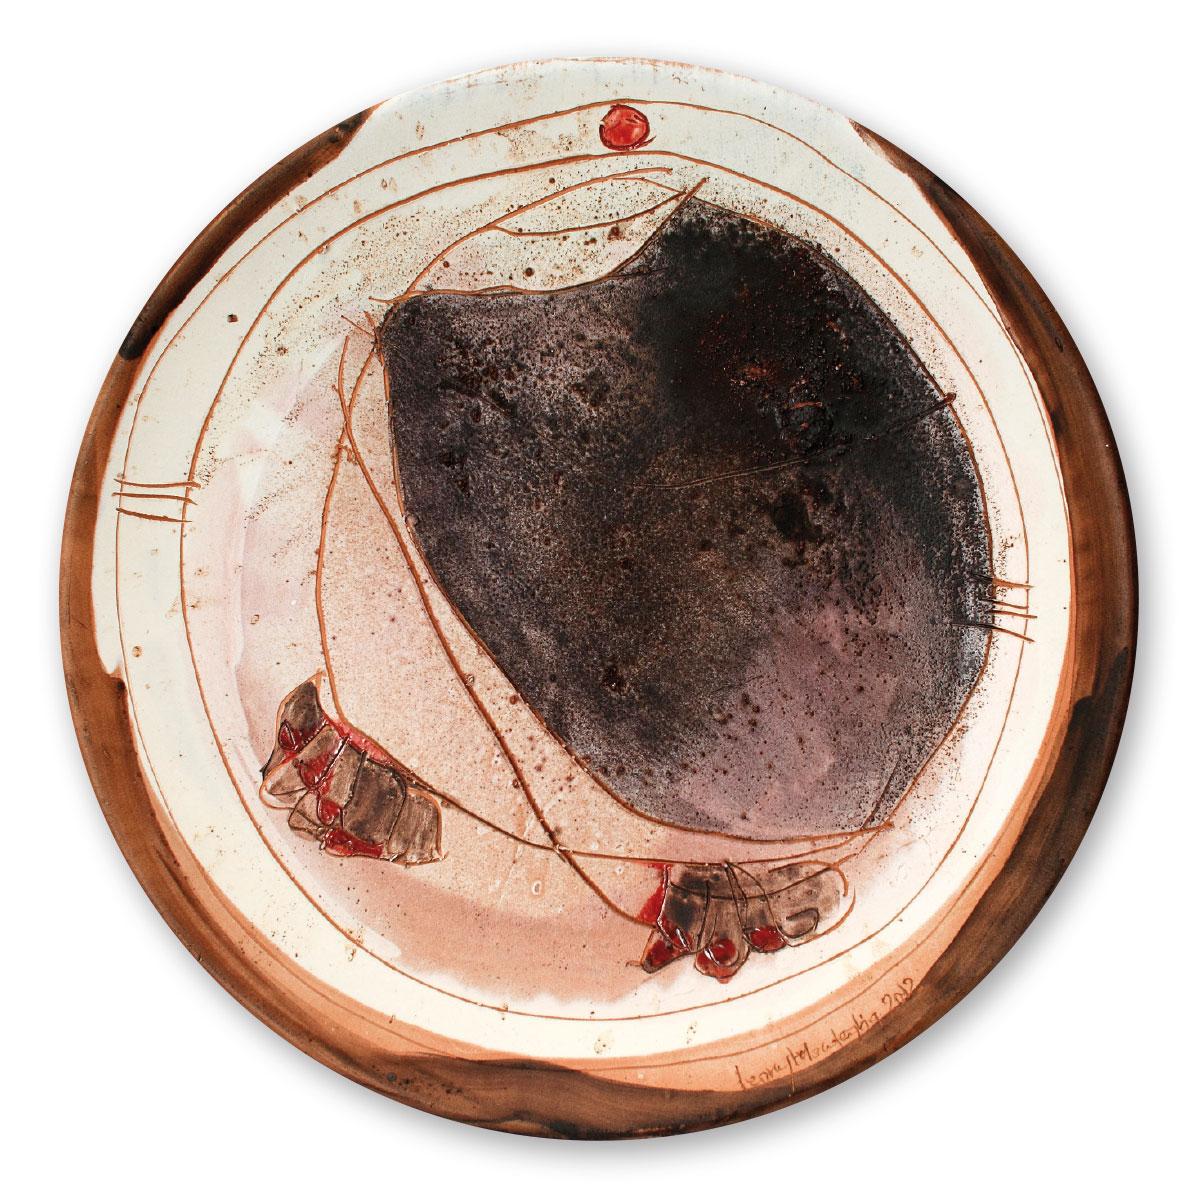 L'opera dell'artista Leony Mordeglia acquisita dal Museo a cielo aperto di Denice, dedicato alla ceramica contemporanea